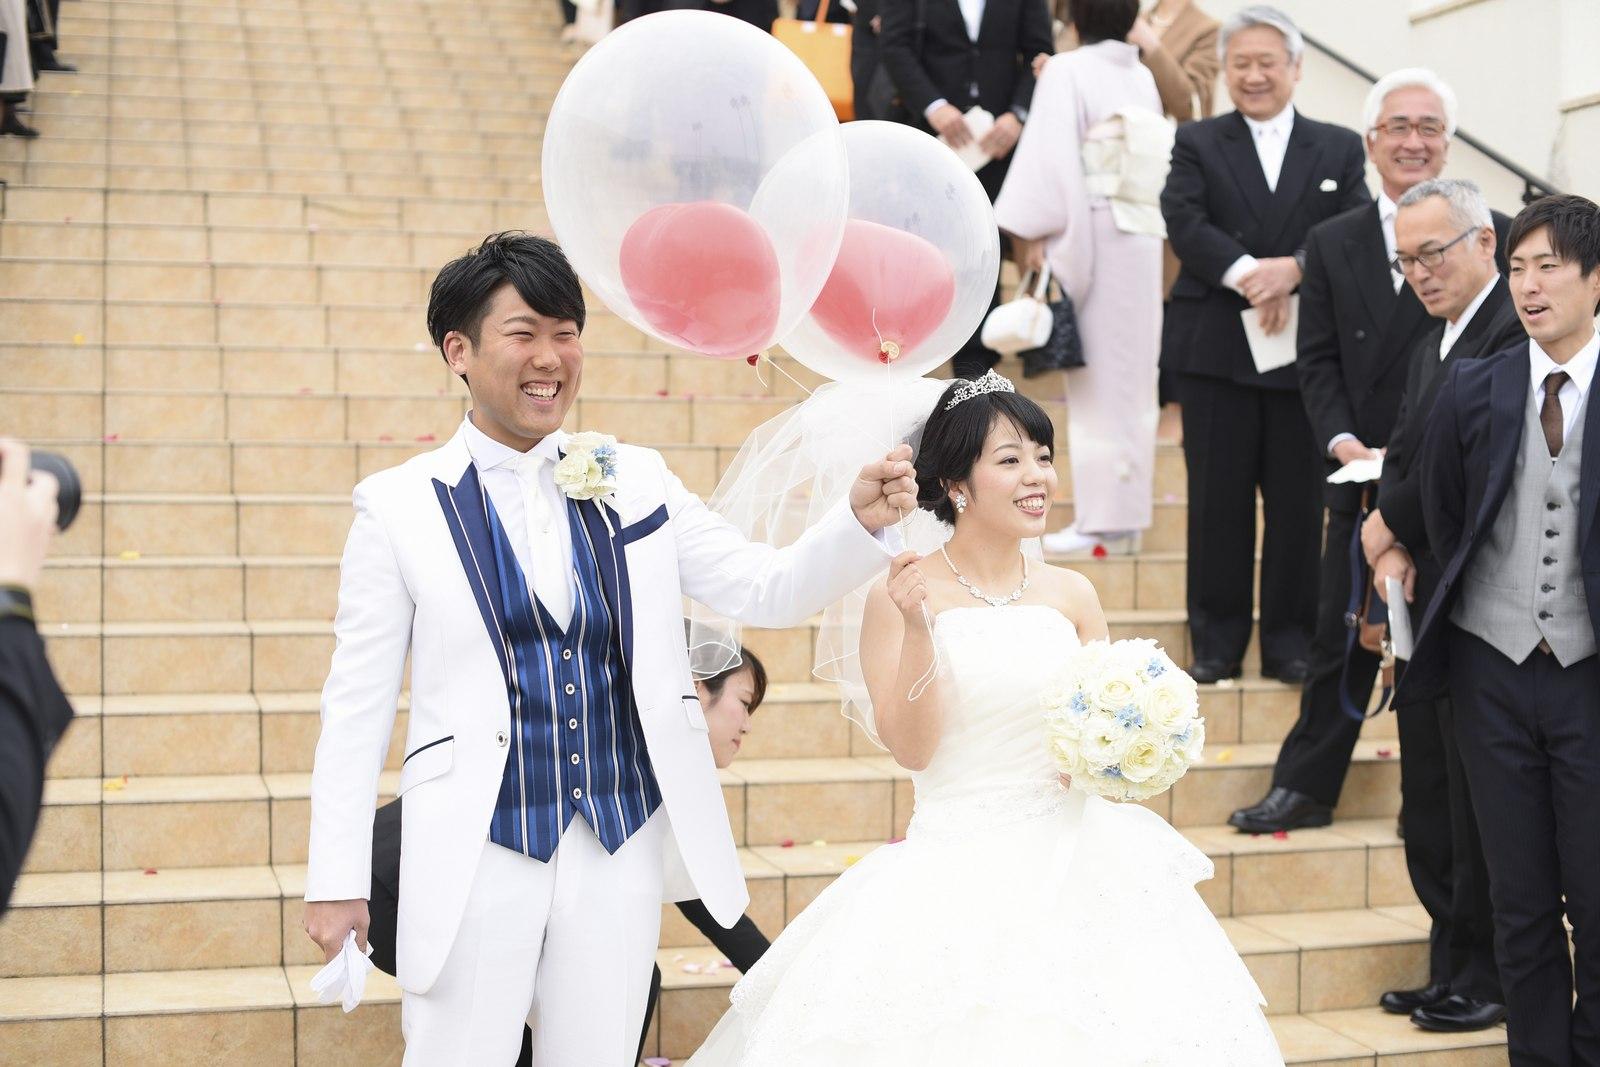 徳島市の結婚式場ブランアンジュのアフターセレモニーでバルーンを飛ばす演出